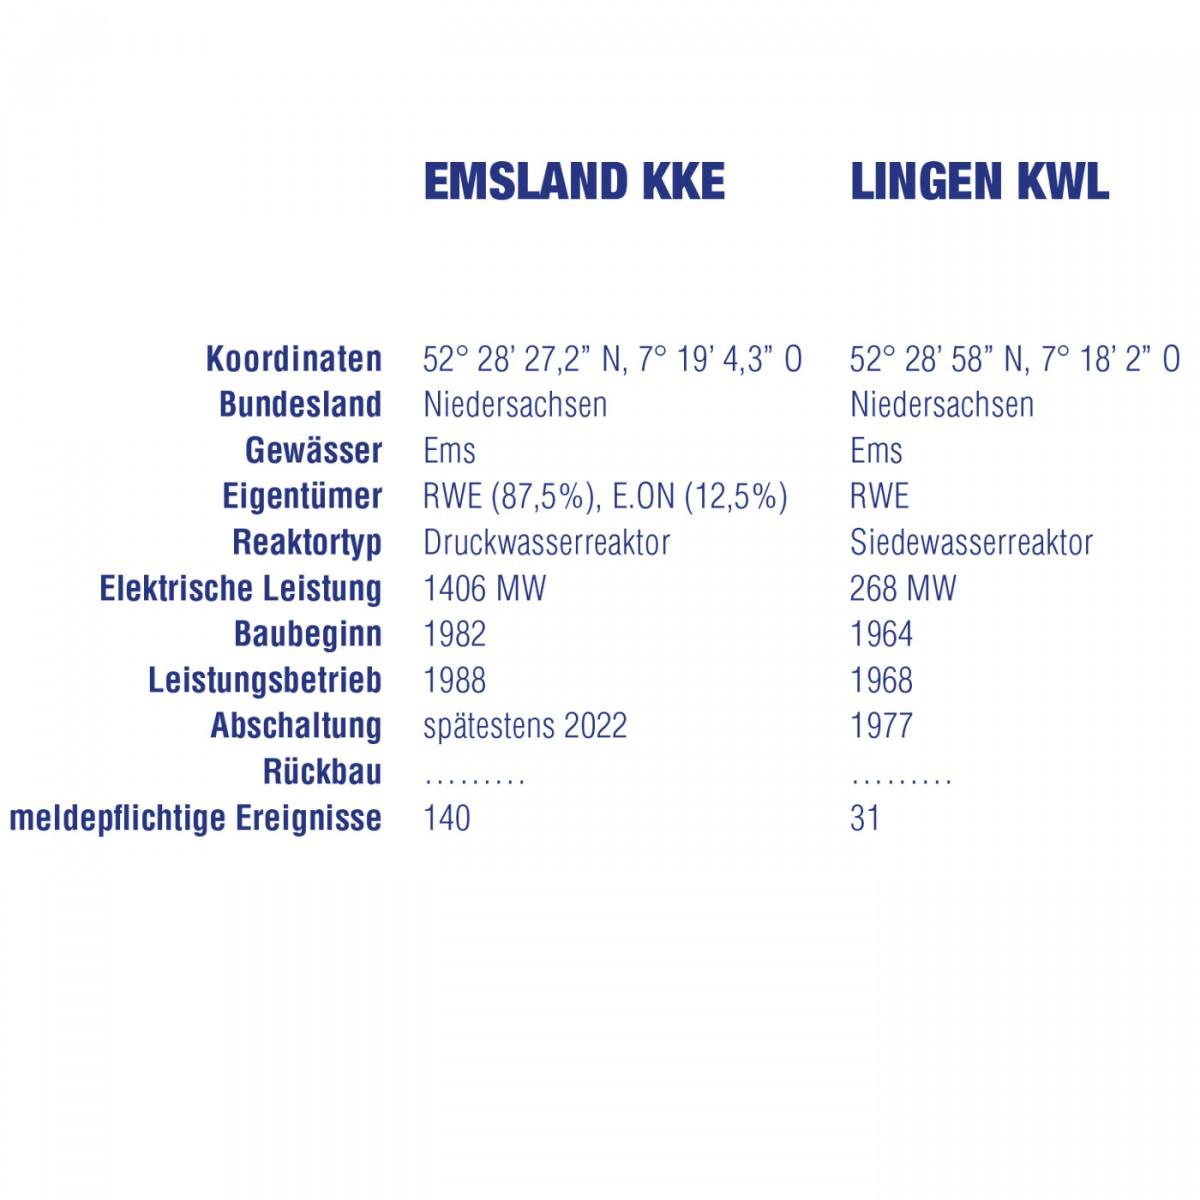 Emsland KKE / Lingen KWL